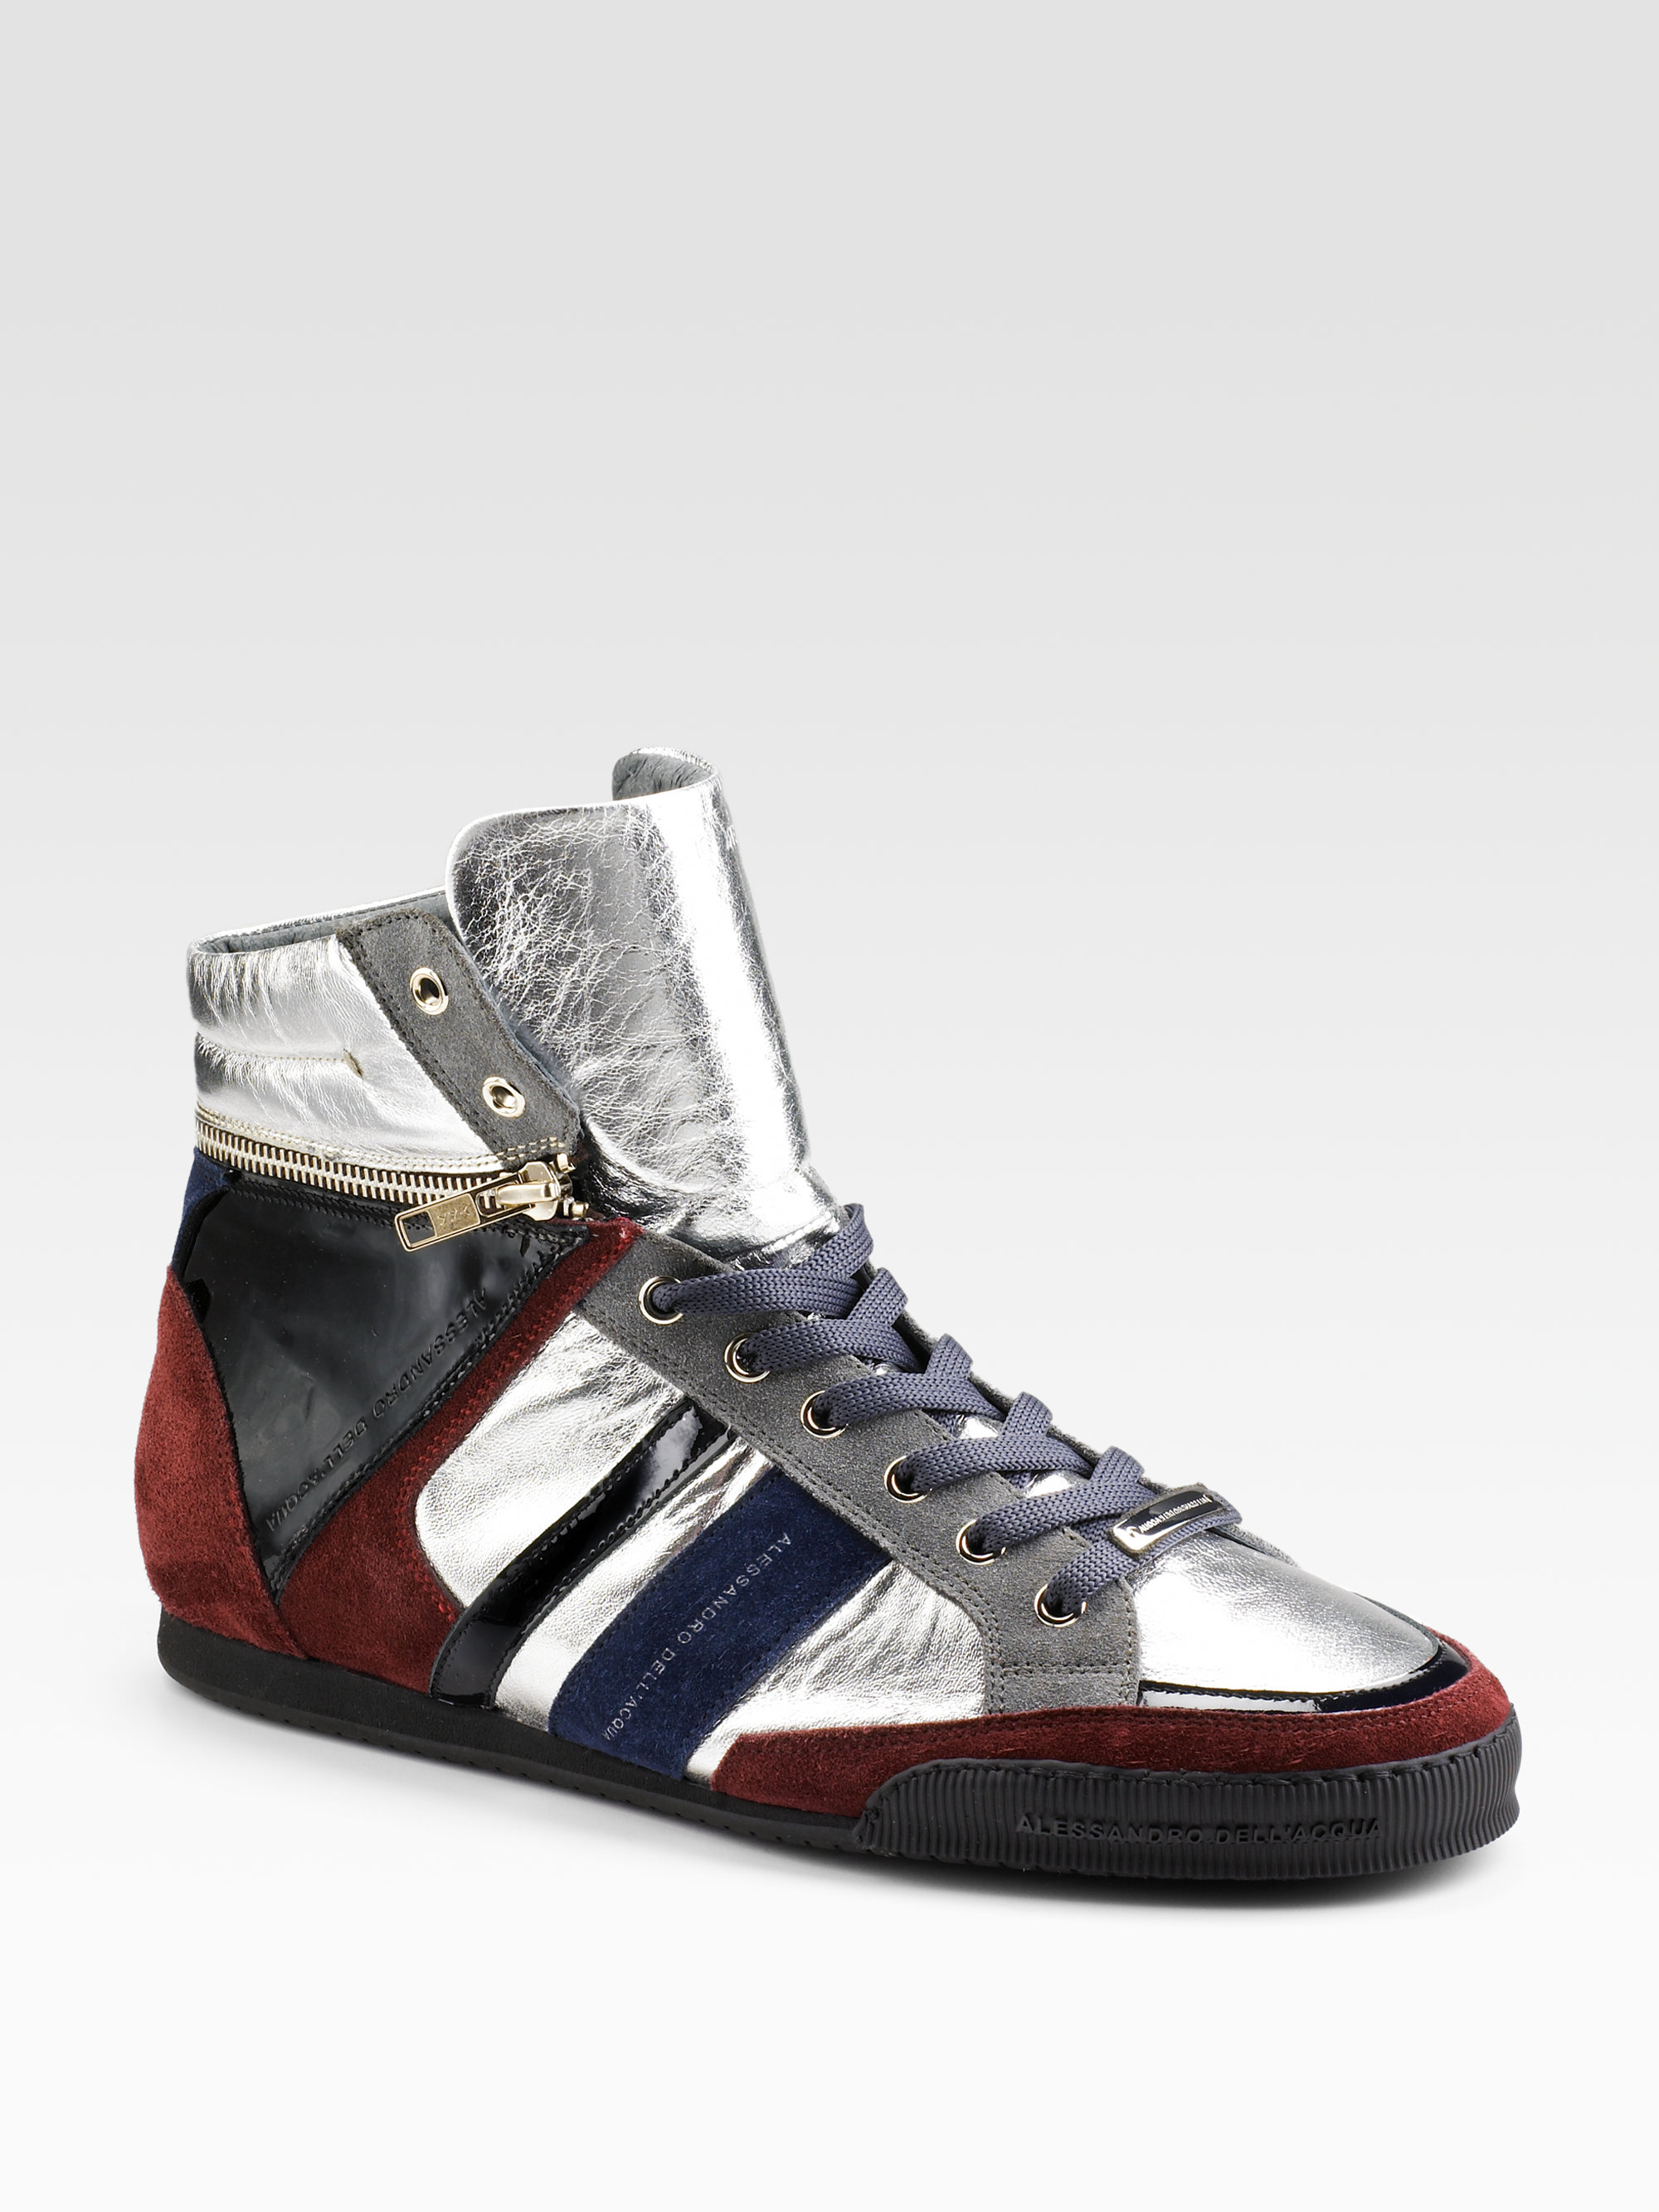 Alessandro Dell Acqua Convertible Hightop Sneakers In